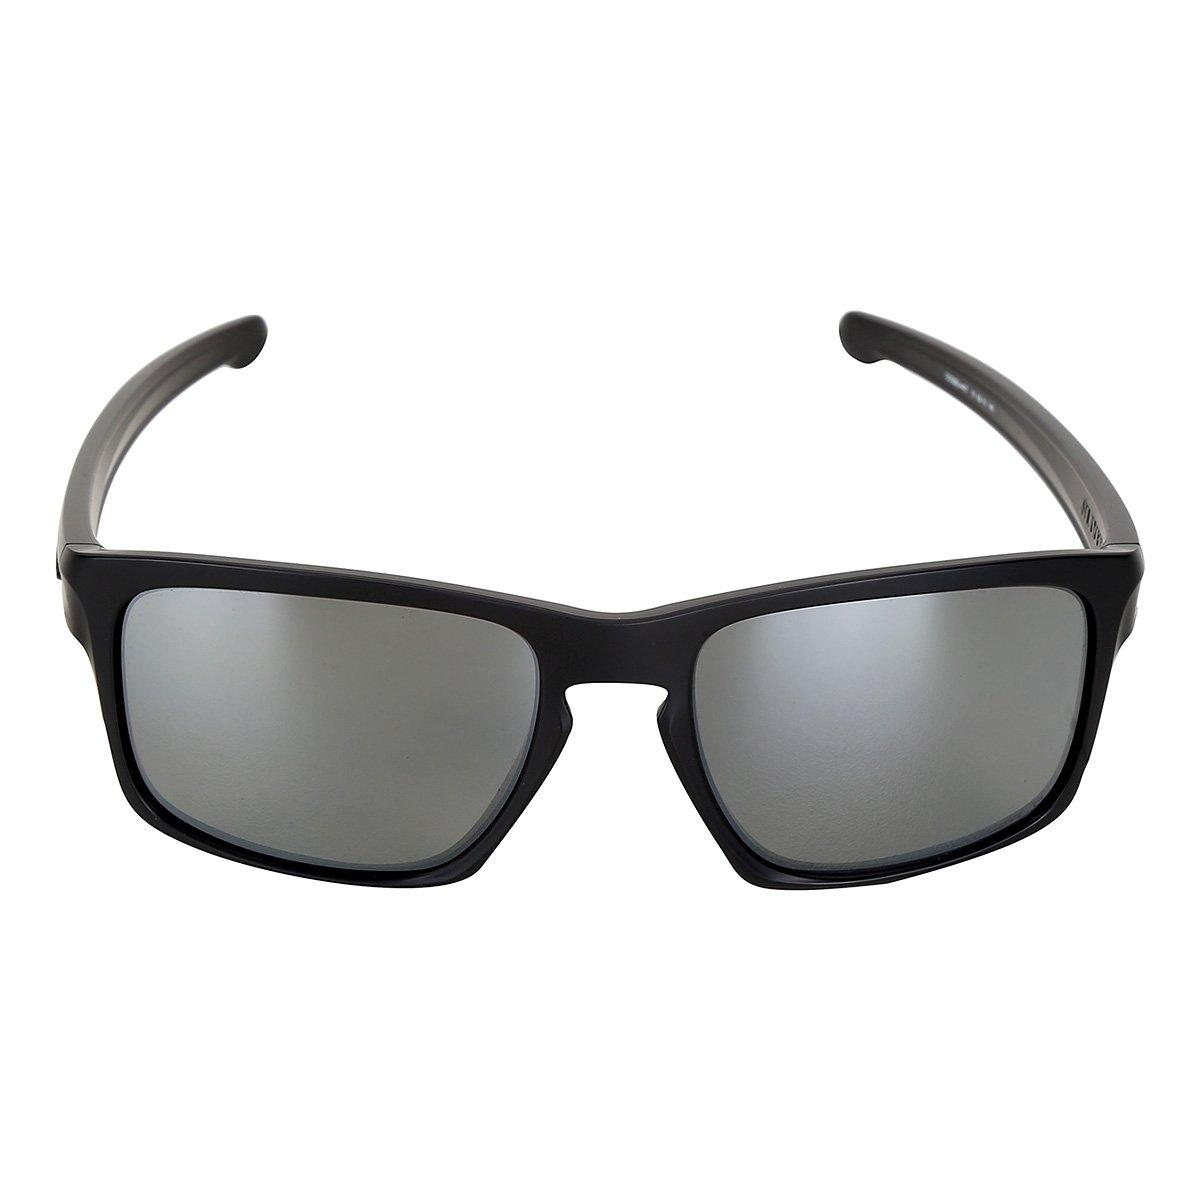 Óculos de Sol Oakley Sliver Iridium Masculino - Compre Agora   Netshoes a6087e55b4